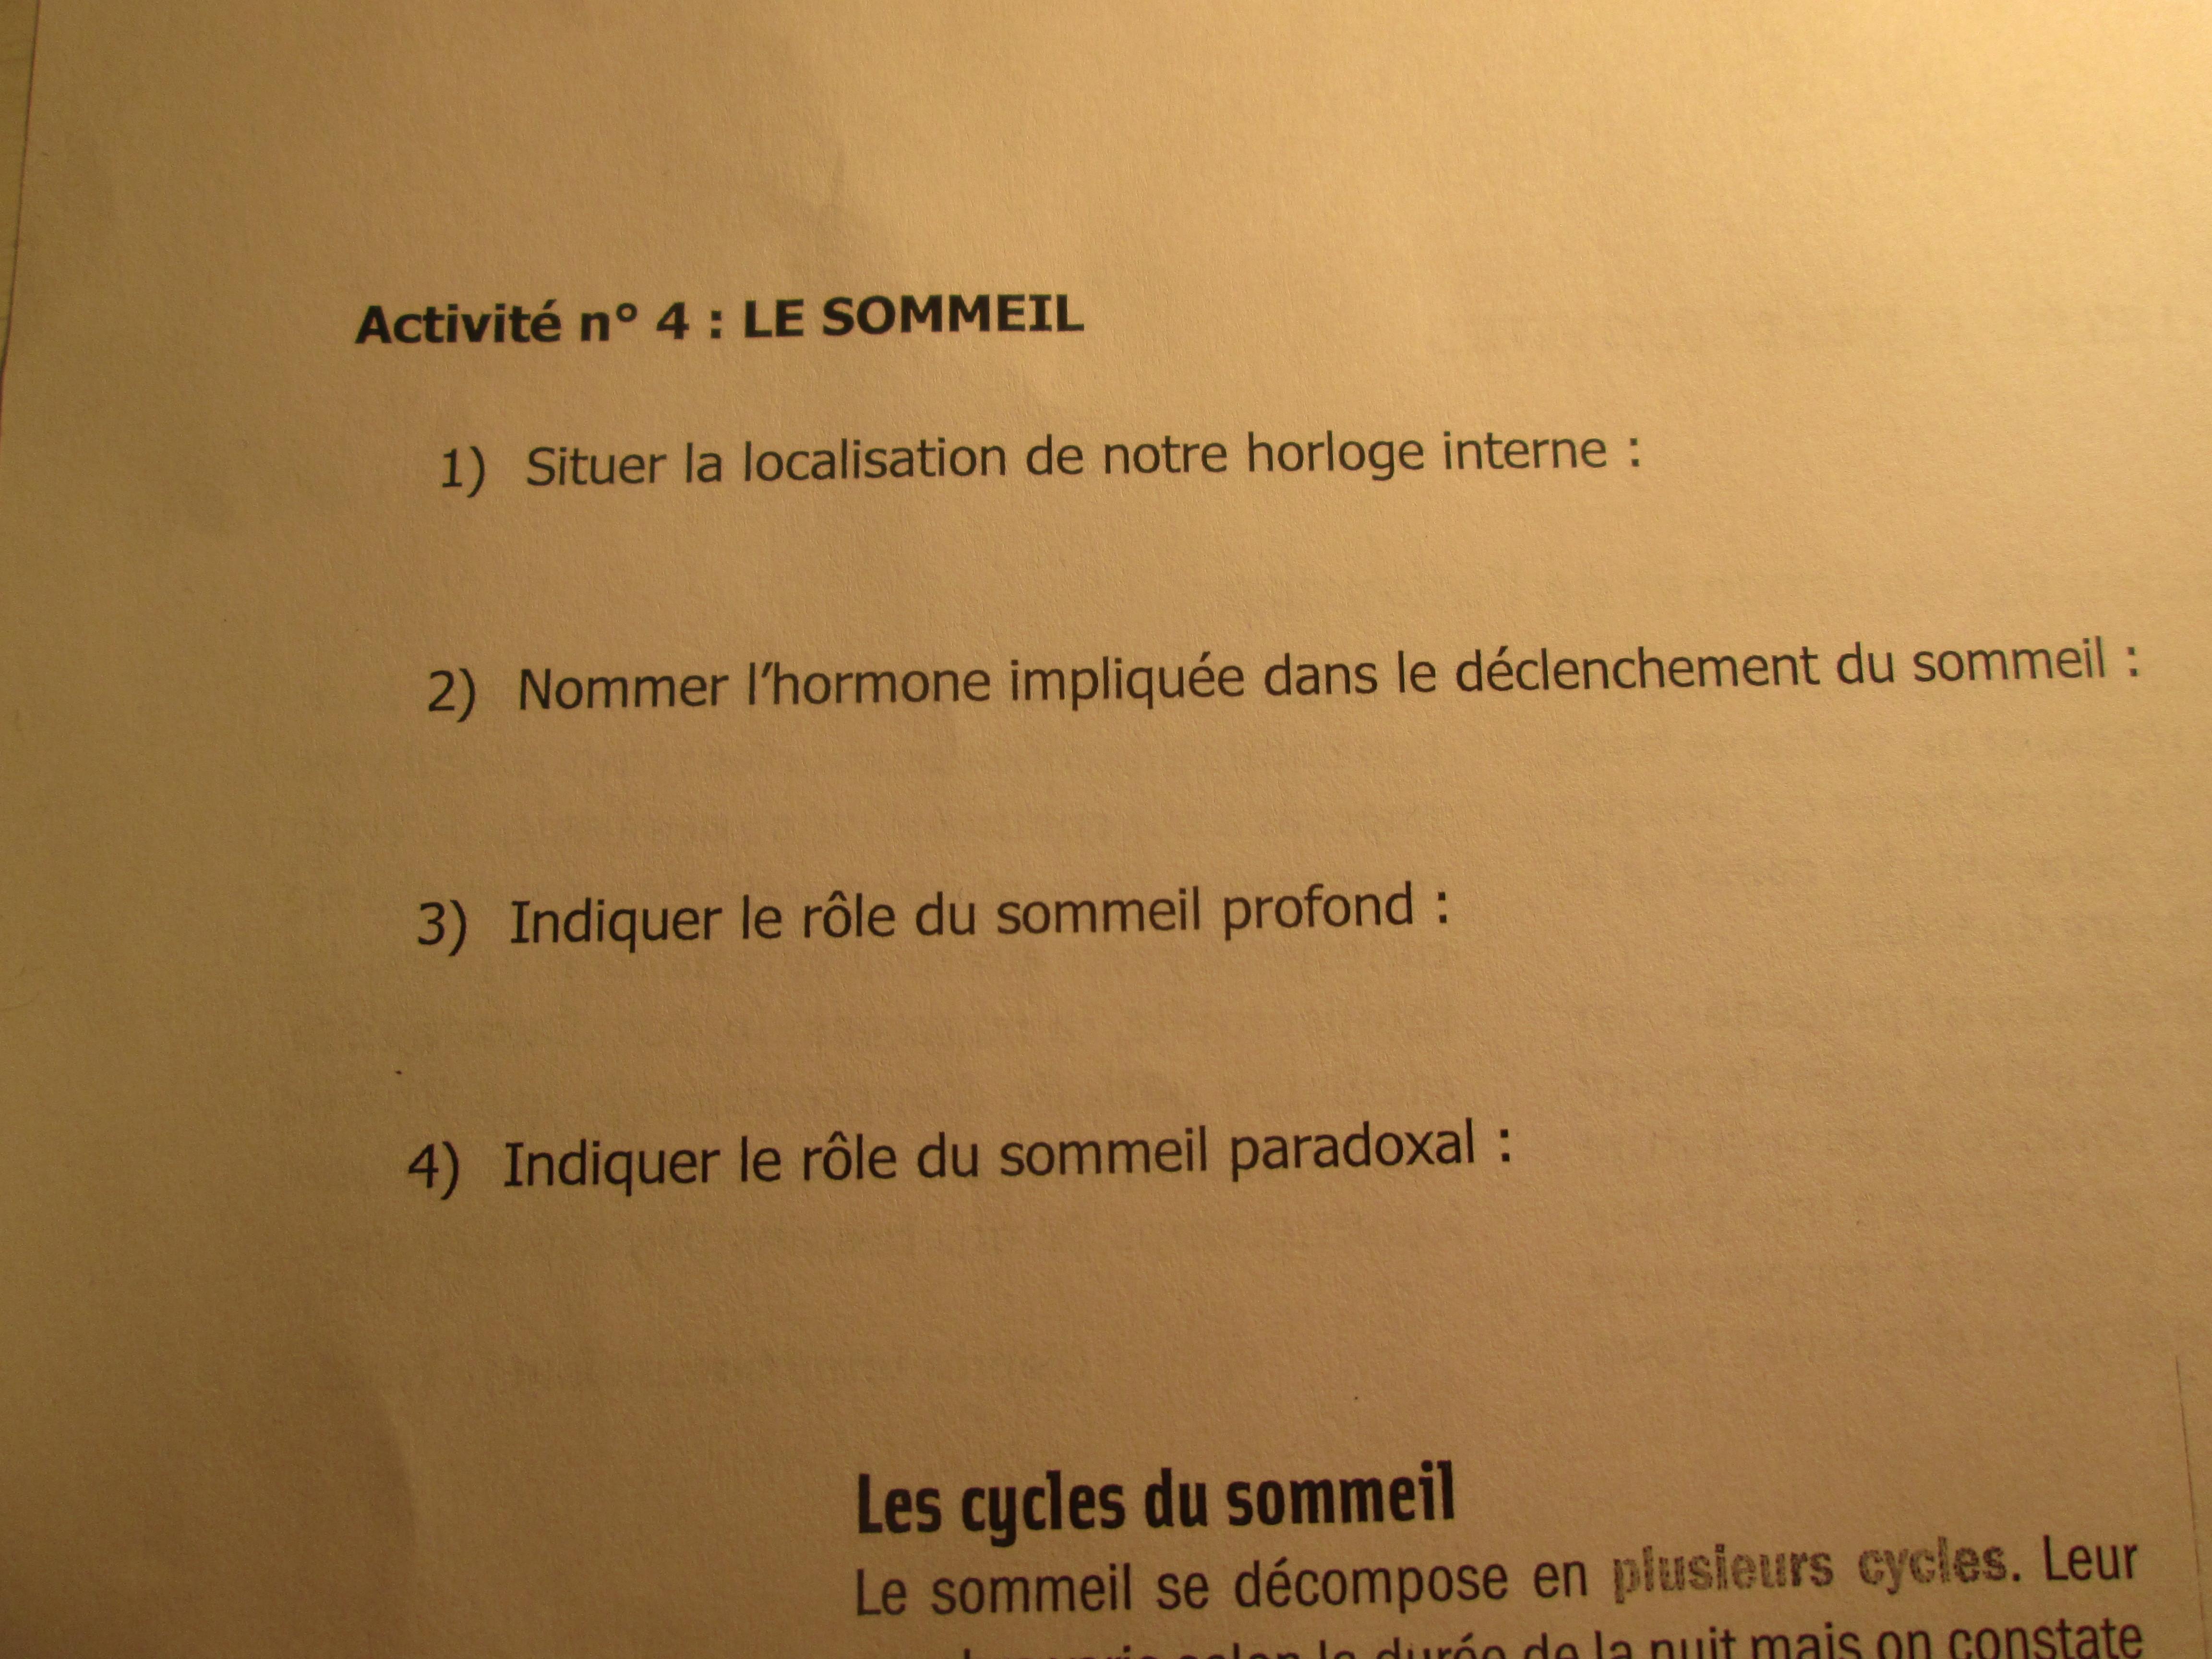 Devoir de svt cned n°2 | digiSchool devoirs